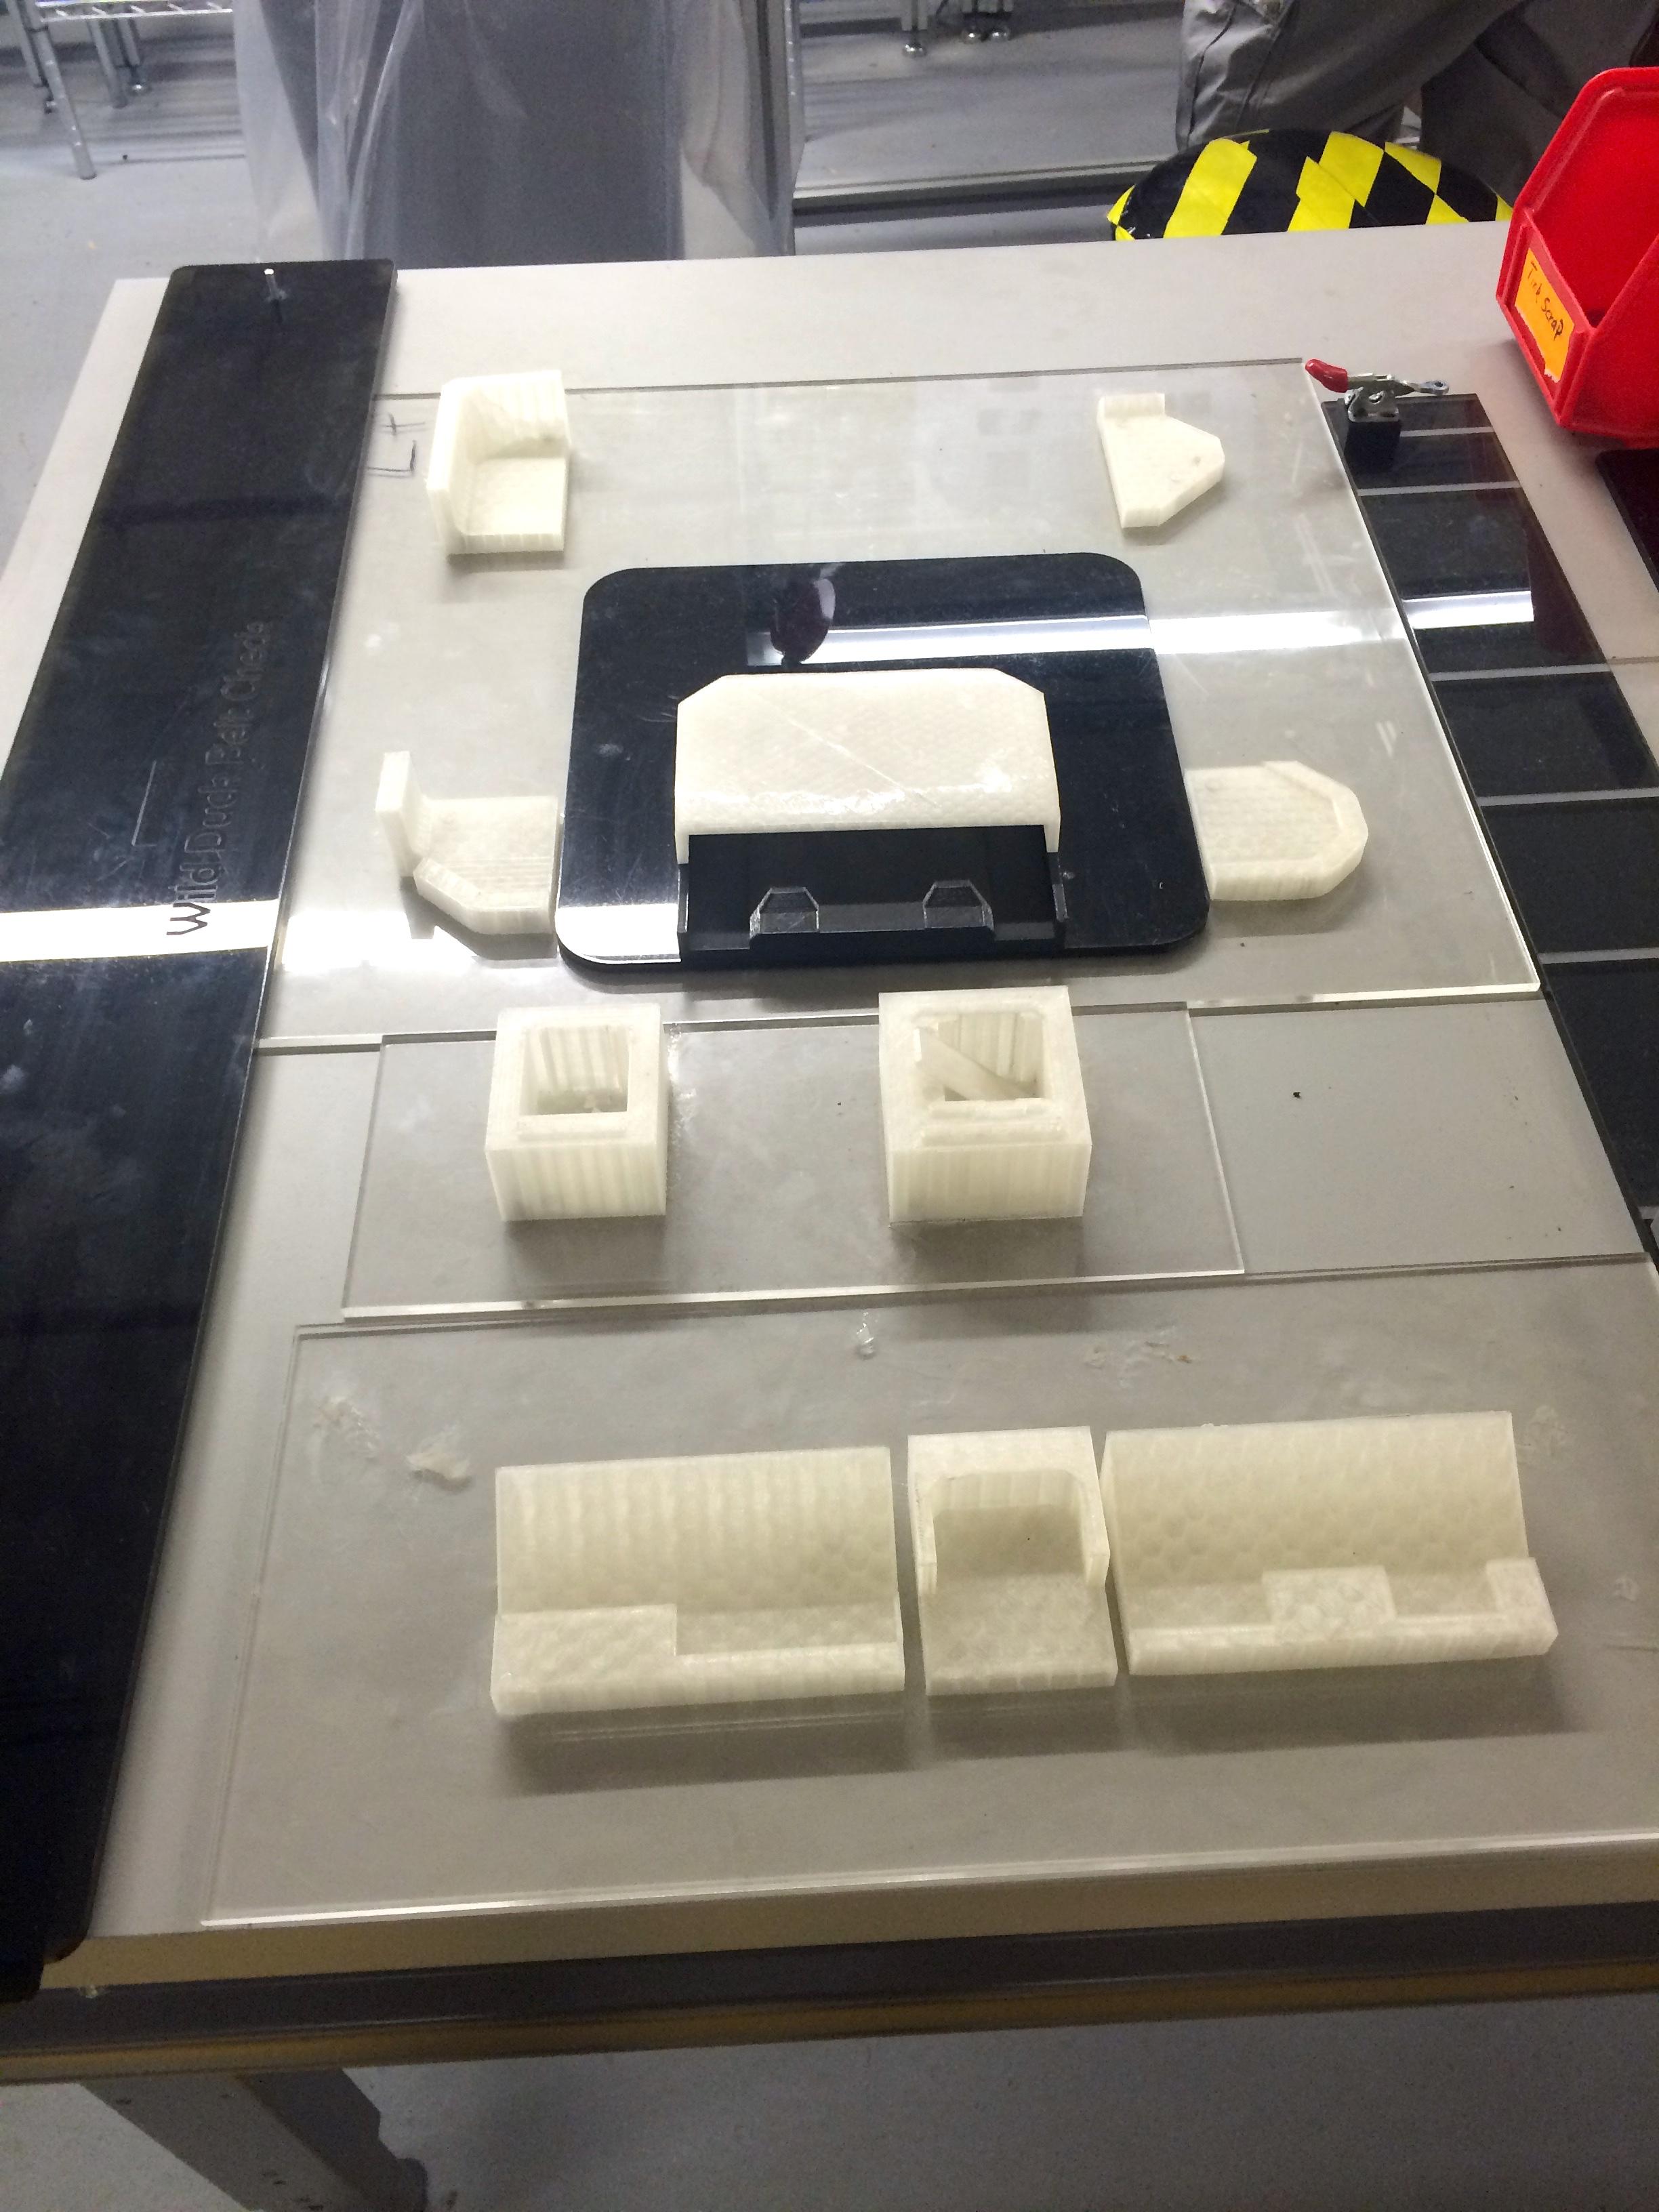 makerbot factory jig